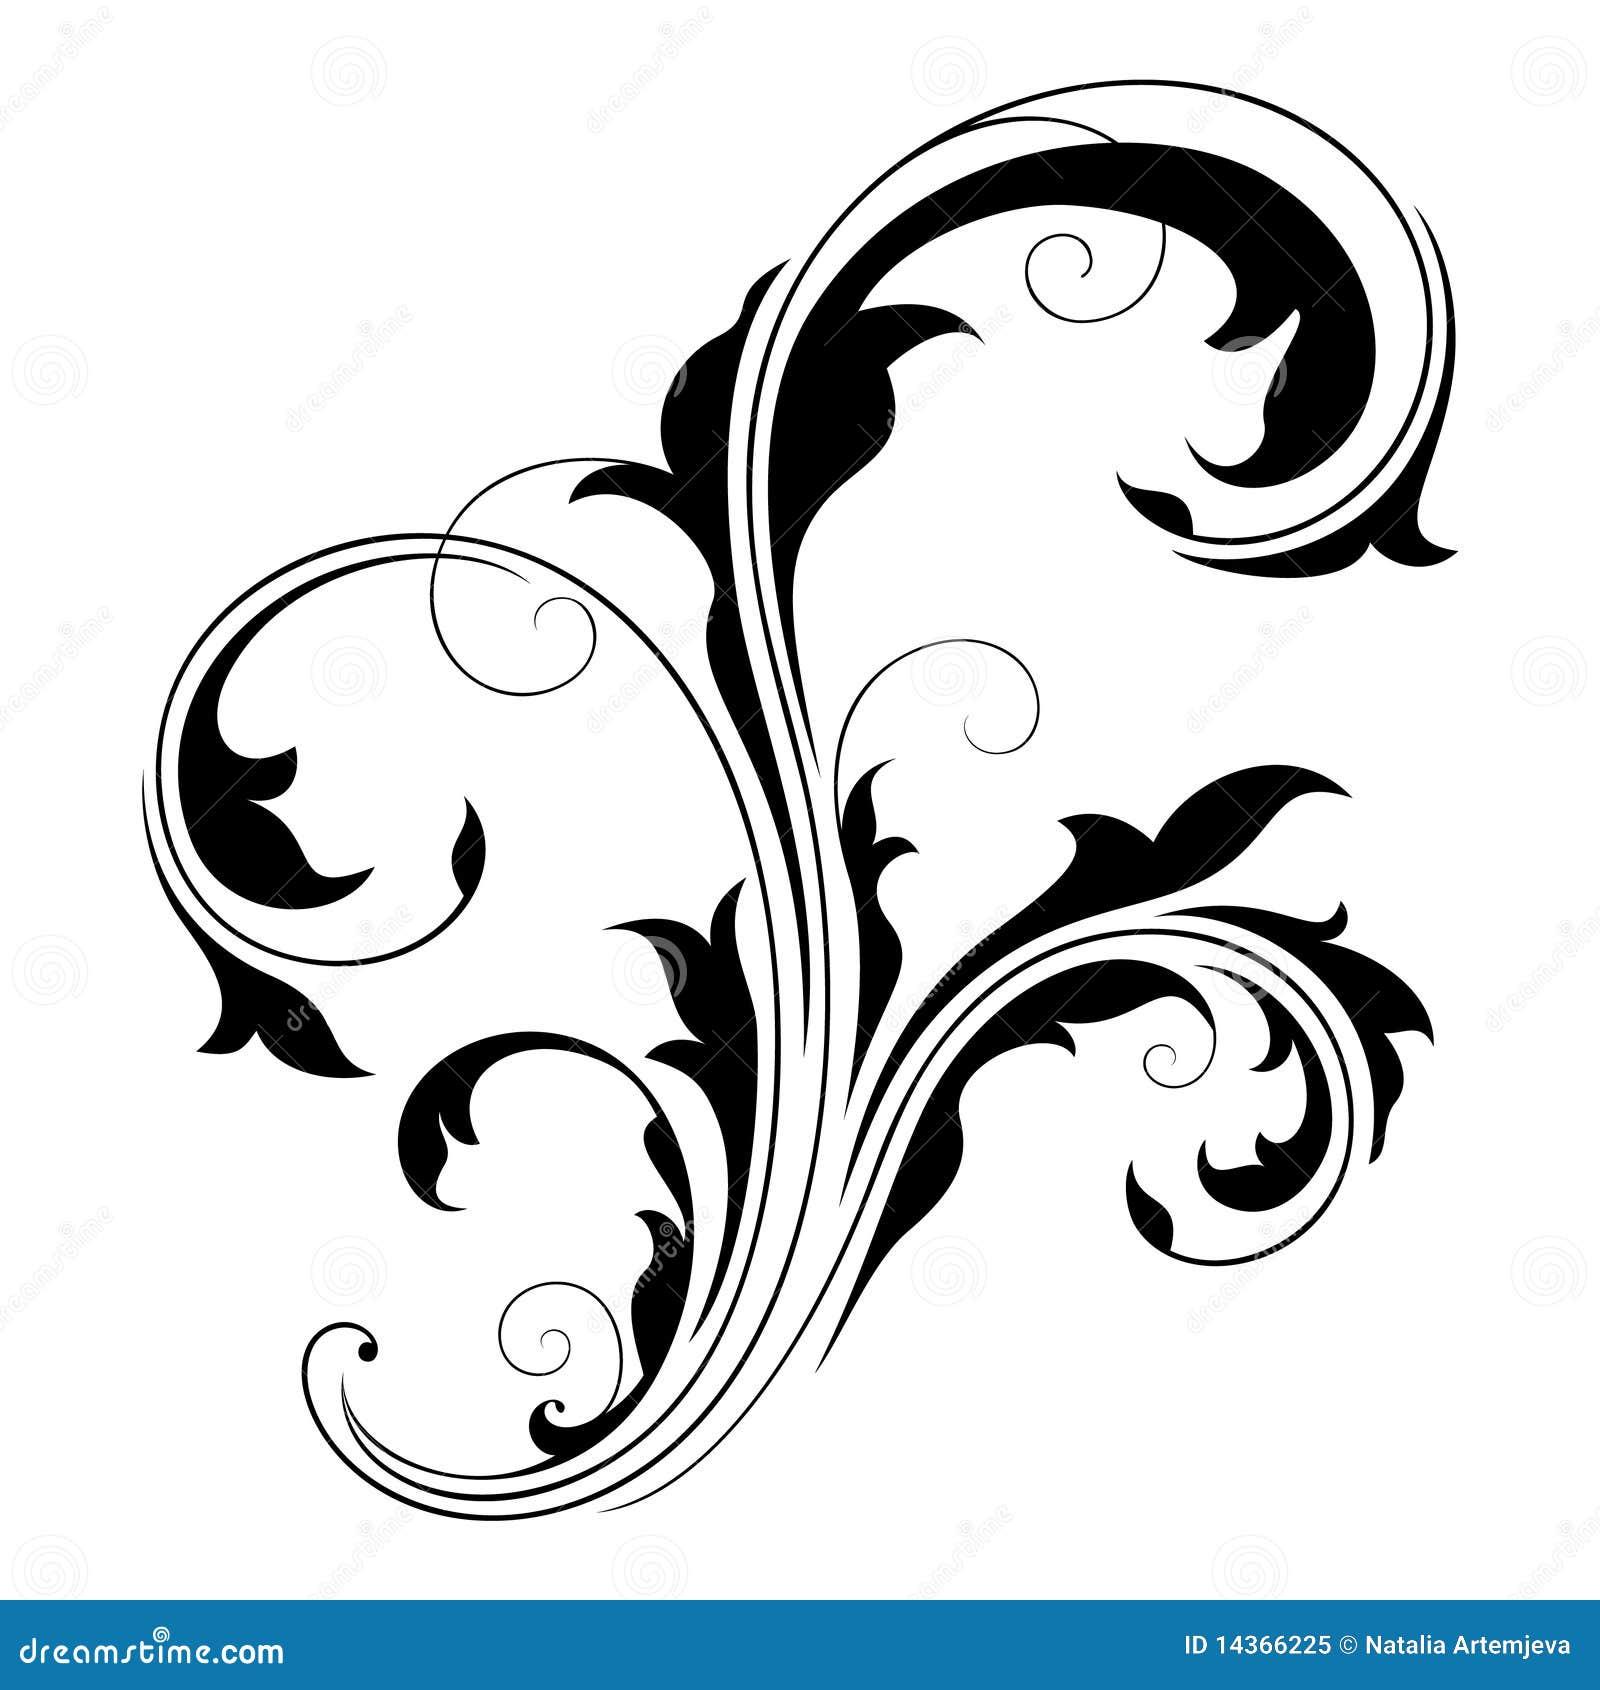 design element swirls 2 stock vector illustration of black 14366225. Black Bedroom Furniture Sets. Home Design Ideas